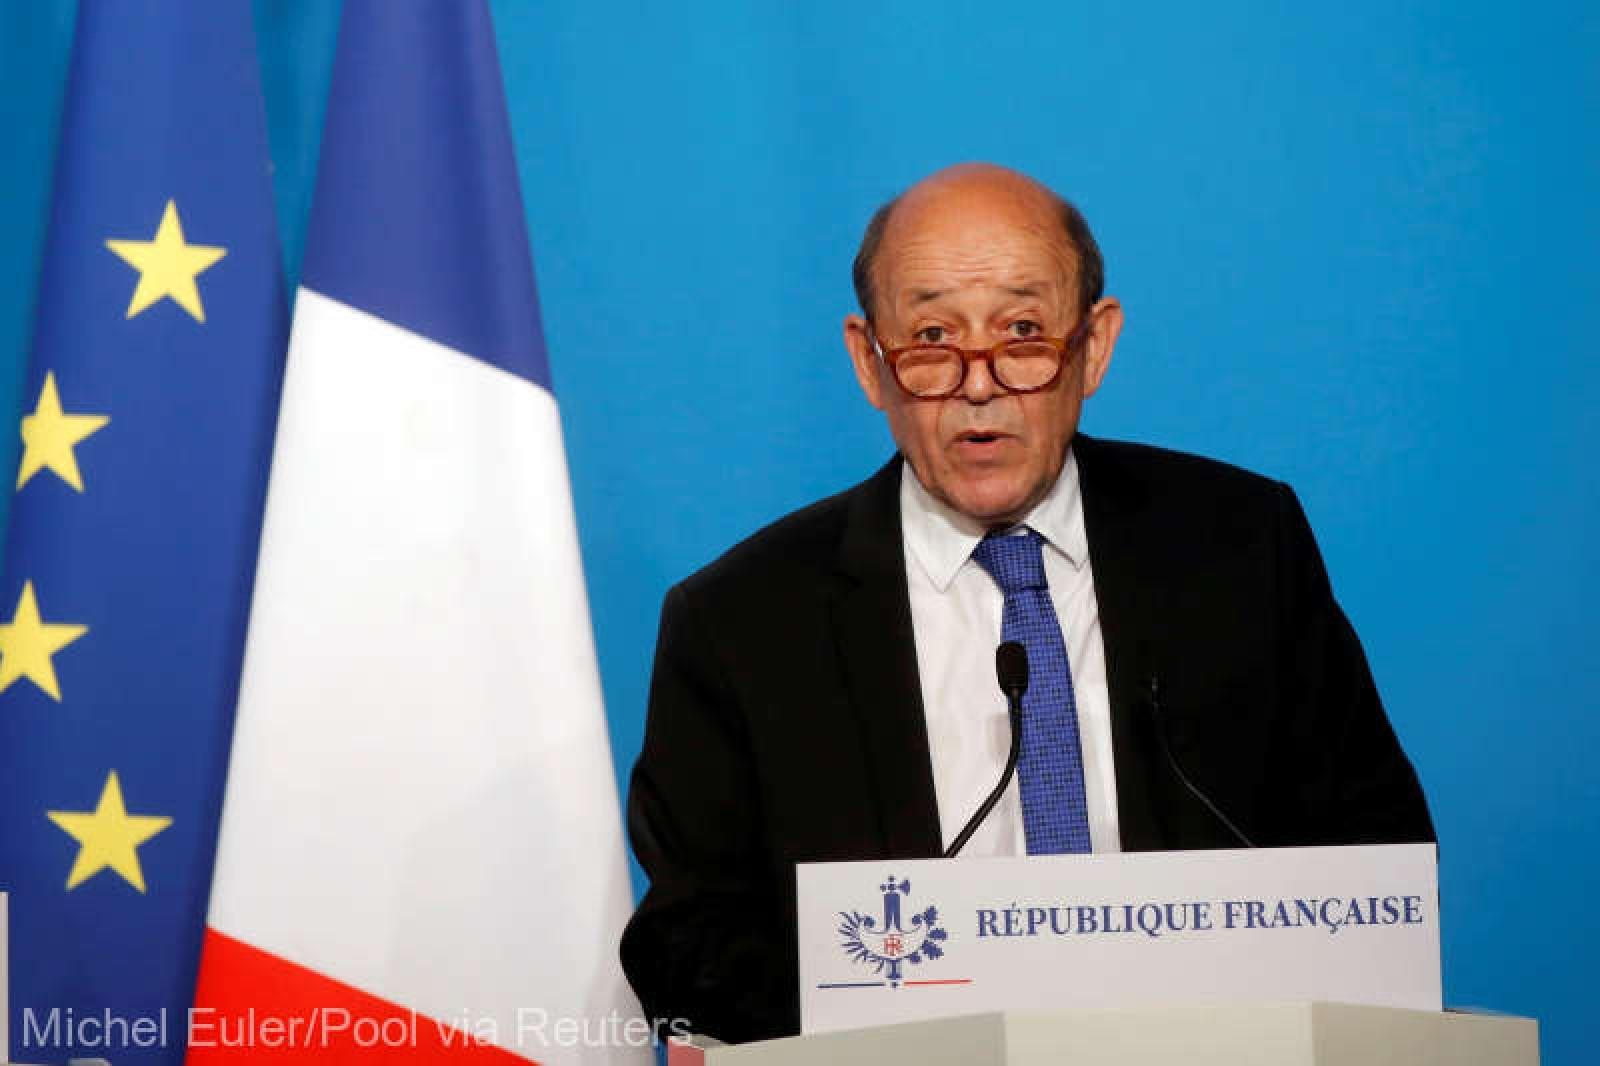 """Şeful diplomaţiei franceze: """"În cazul unui nou atac chimic în Siria, riposta va fi identică"""""""